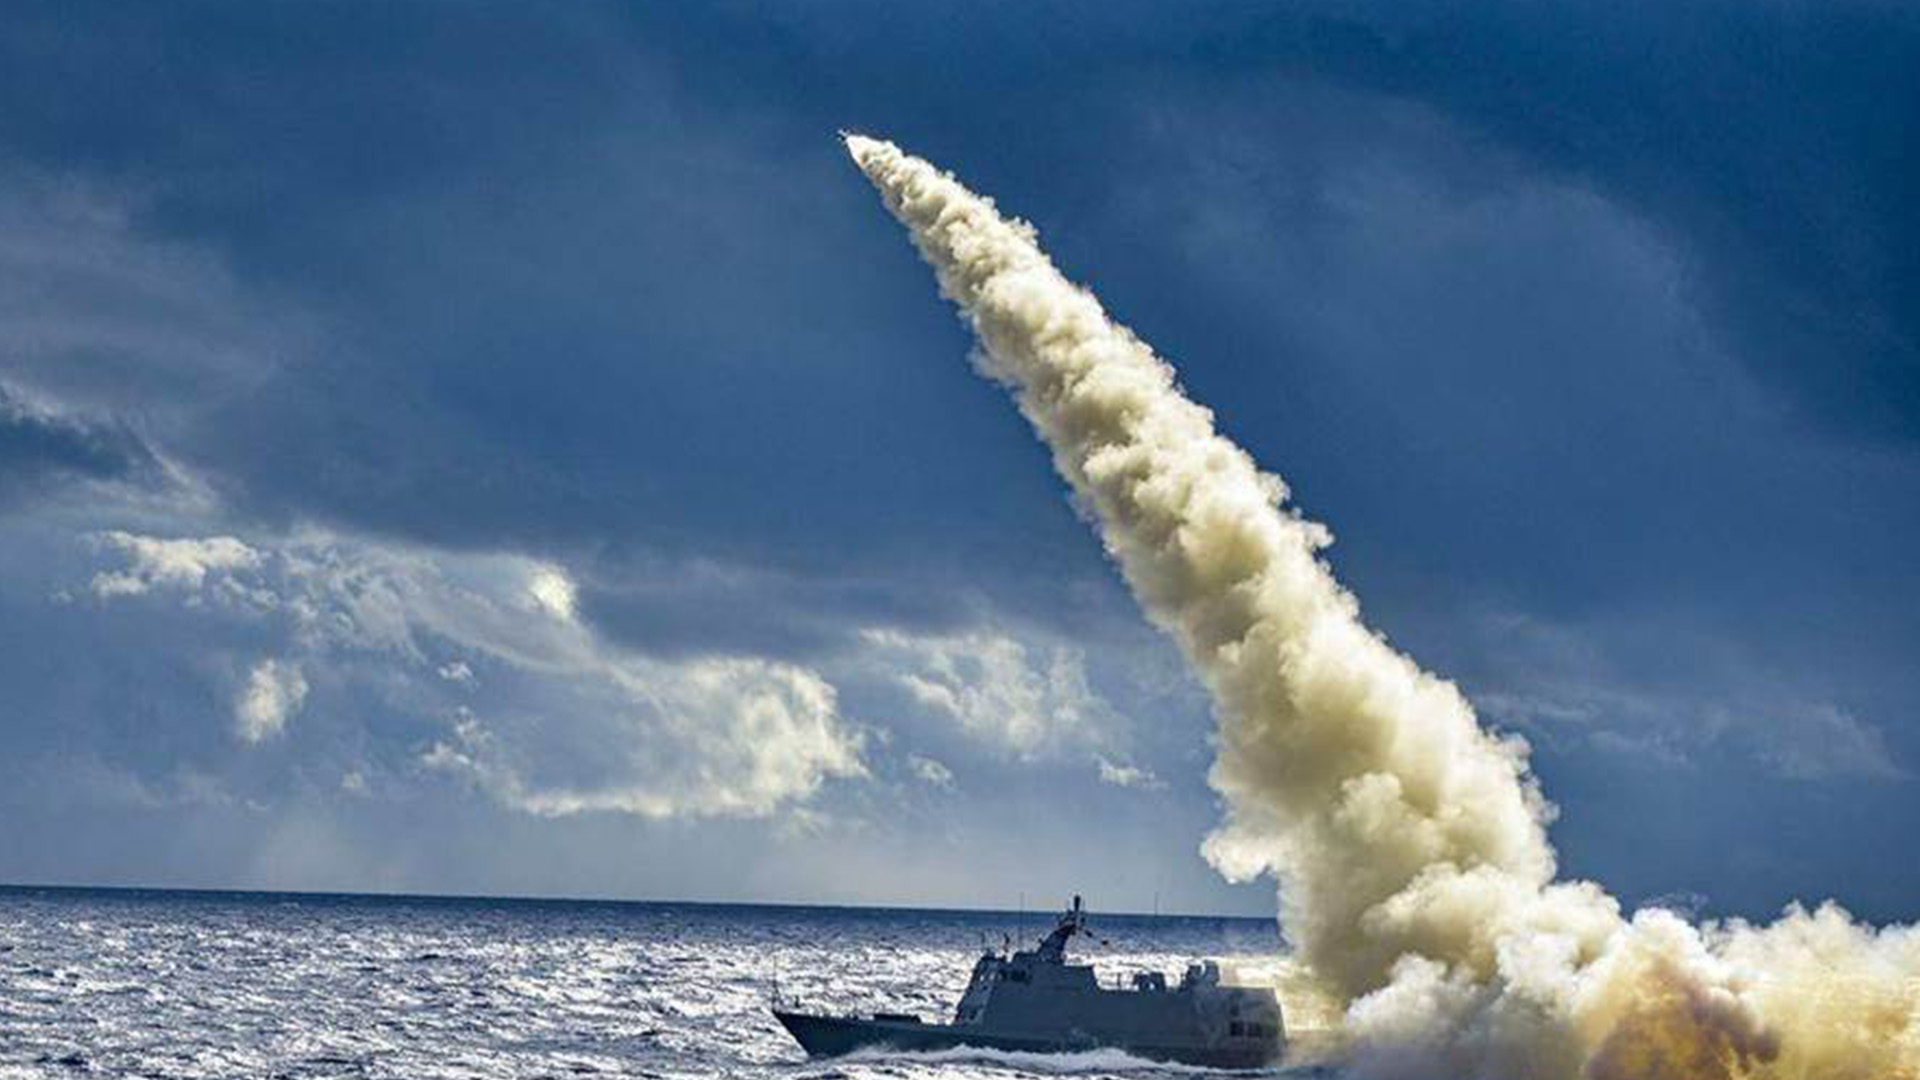 台媒称解放军情报船停留花莲外海一周 前台海军军官示警民进党图片